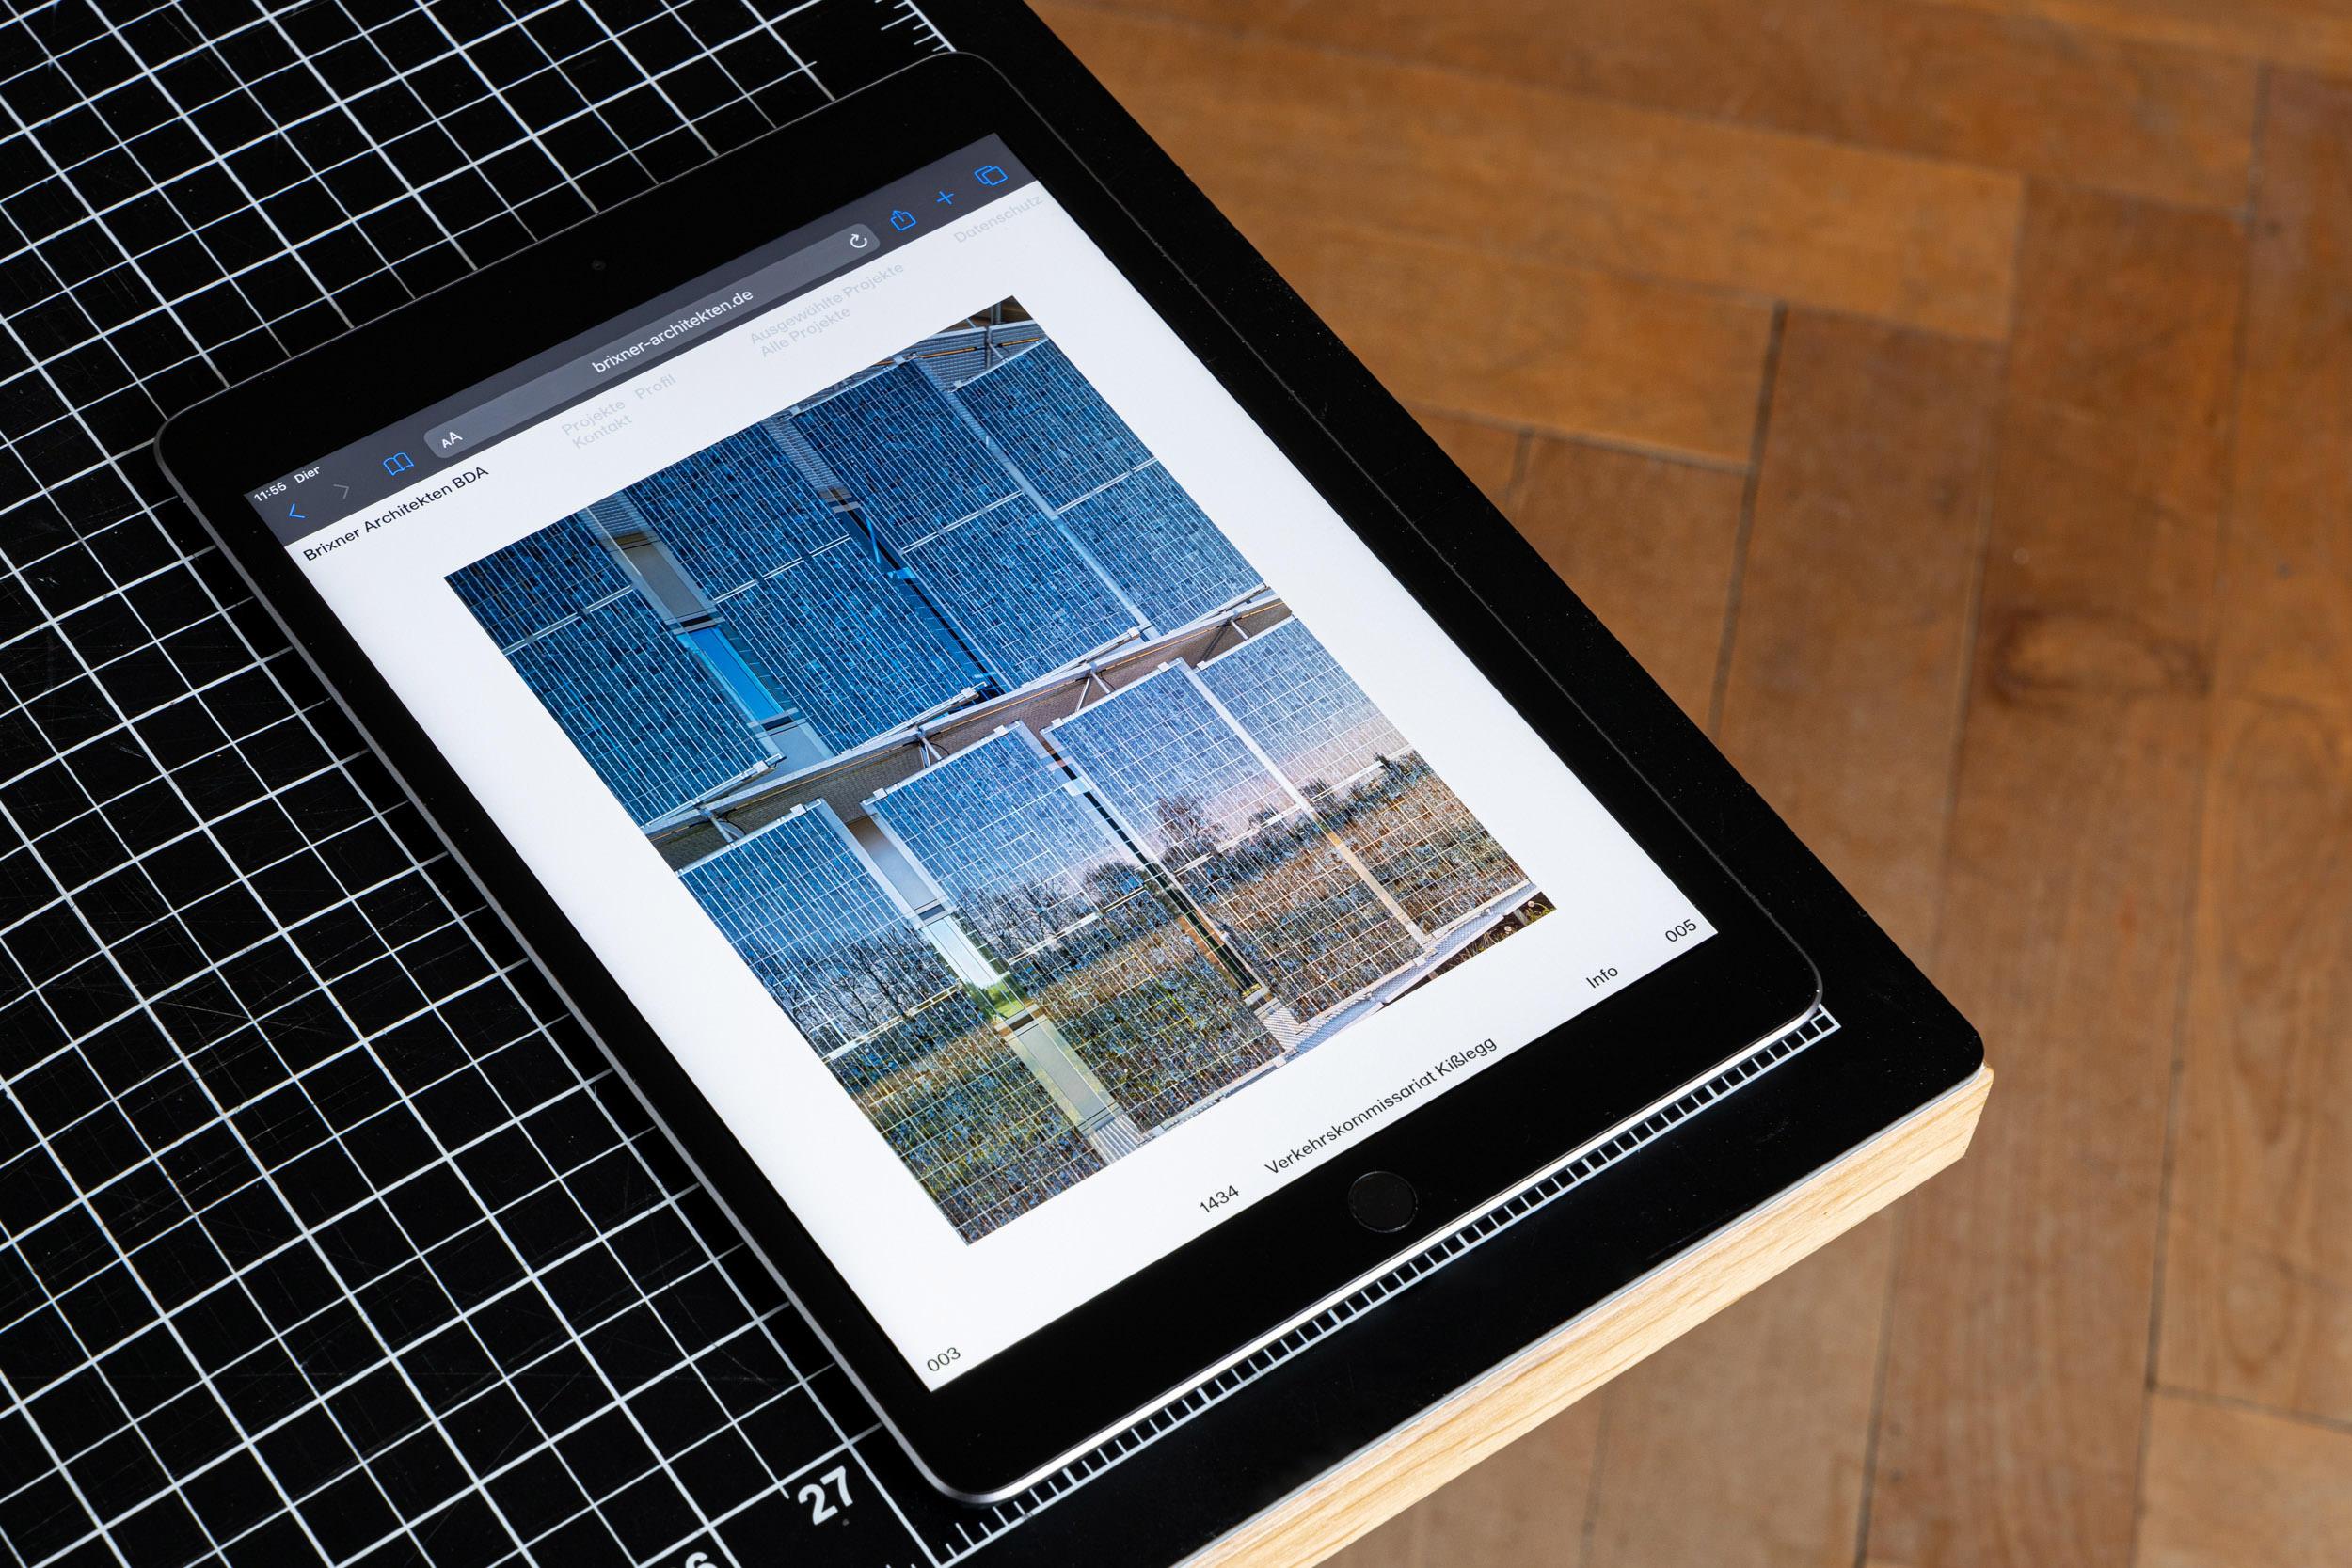 Webseite für das Architekturbüro, hier: auf dem iPad.